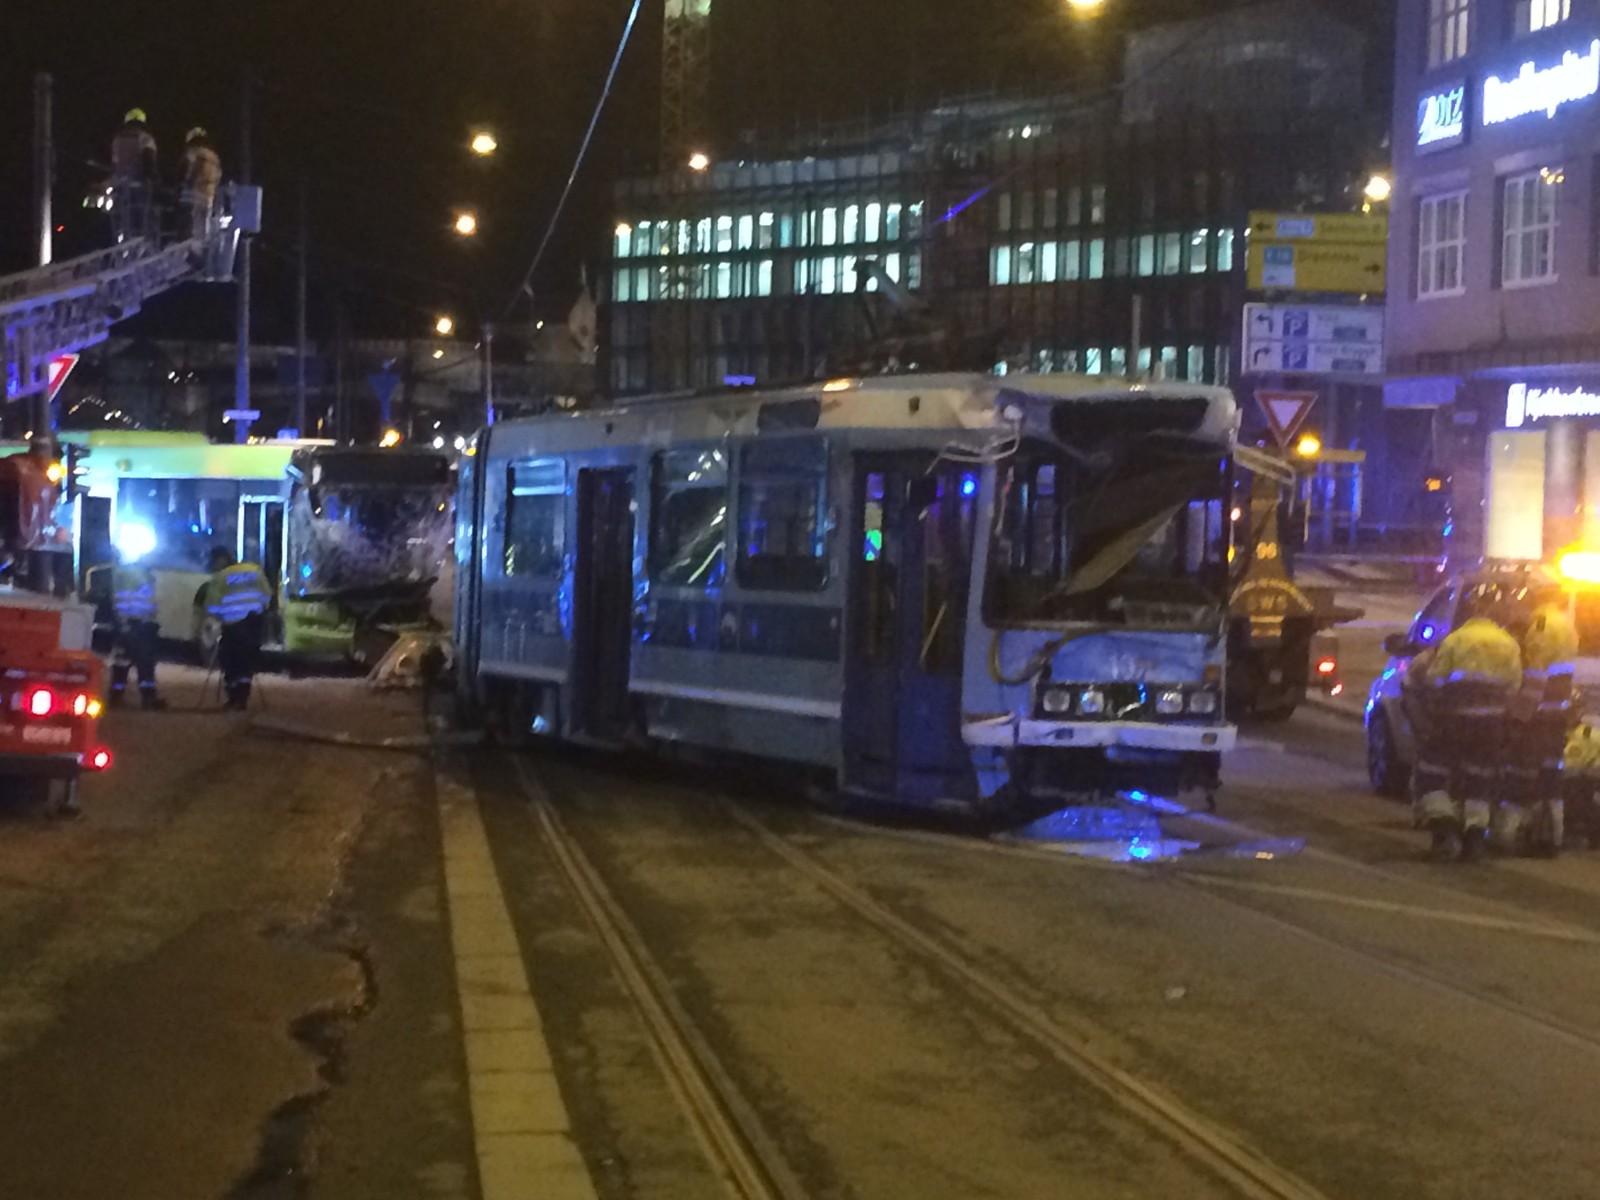 Det er store materielle skader på både trikken og bussen som var involvert i ulykken.